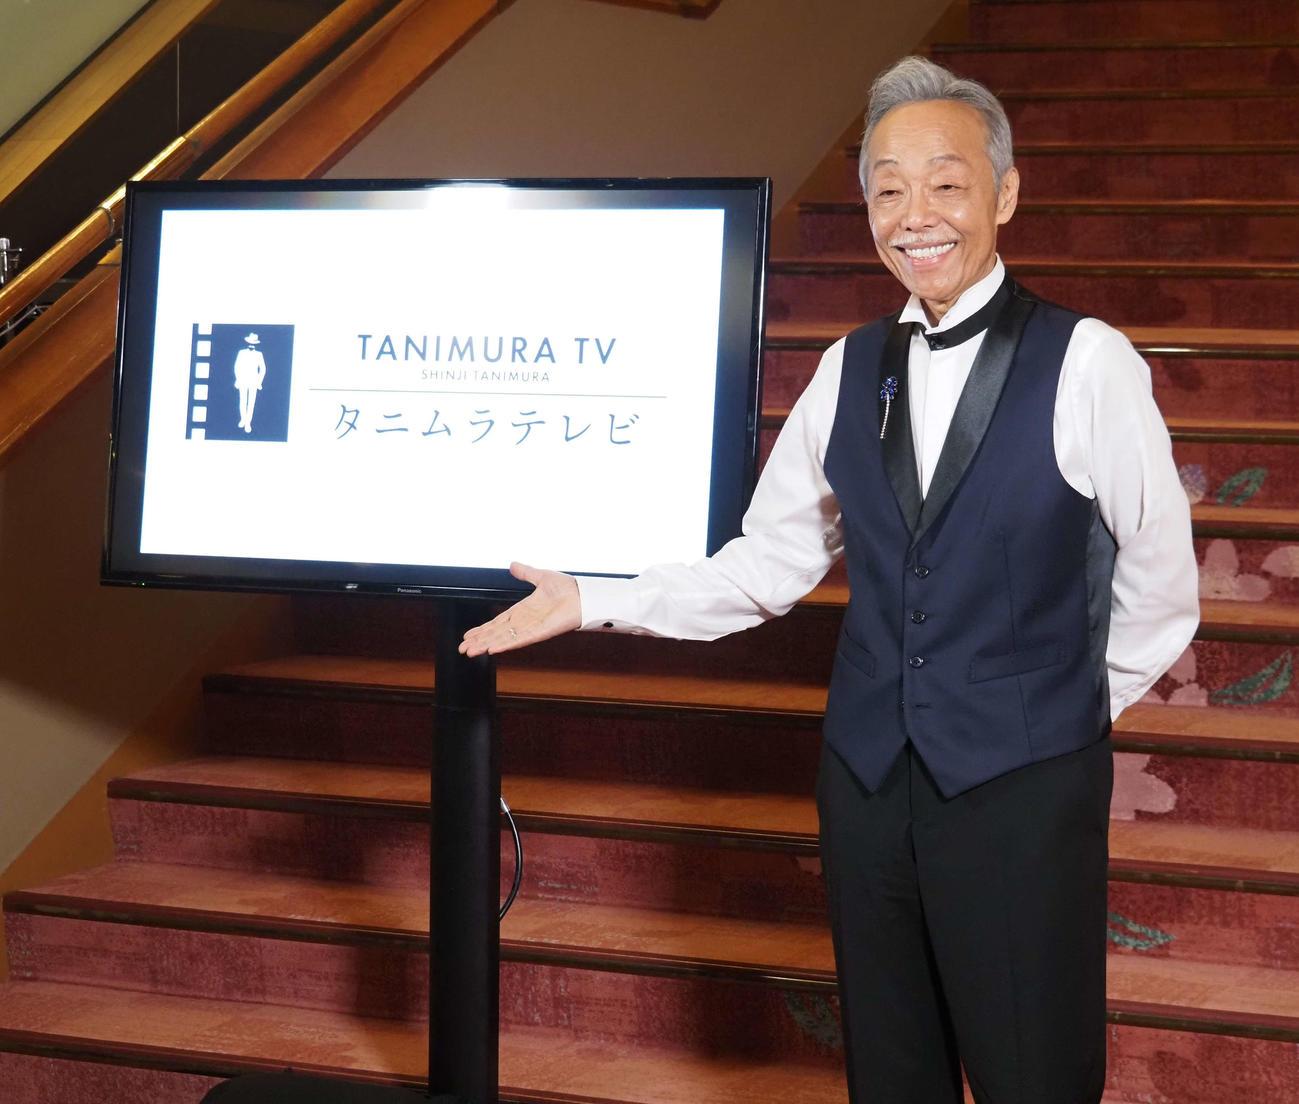 公式動画配信サービス「タニテレ」のスタートを発表した谷村新司(2021年4月4日撮影)